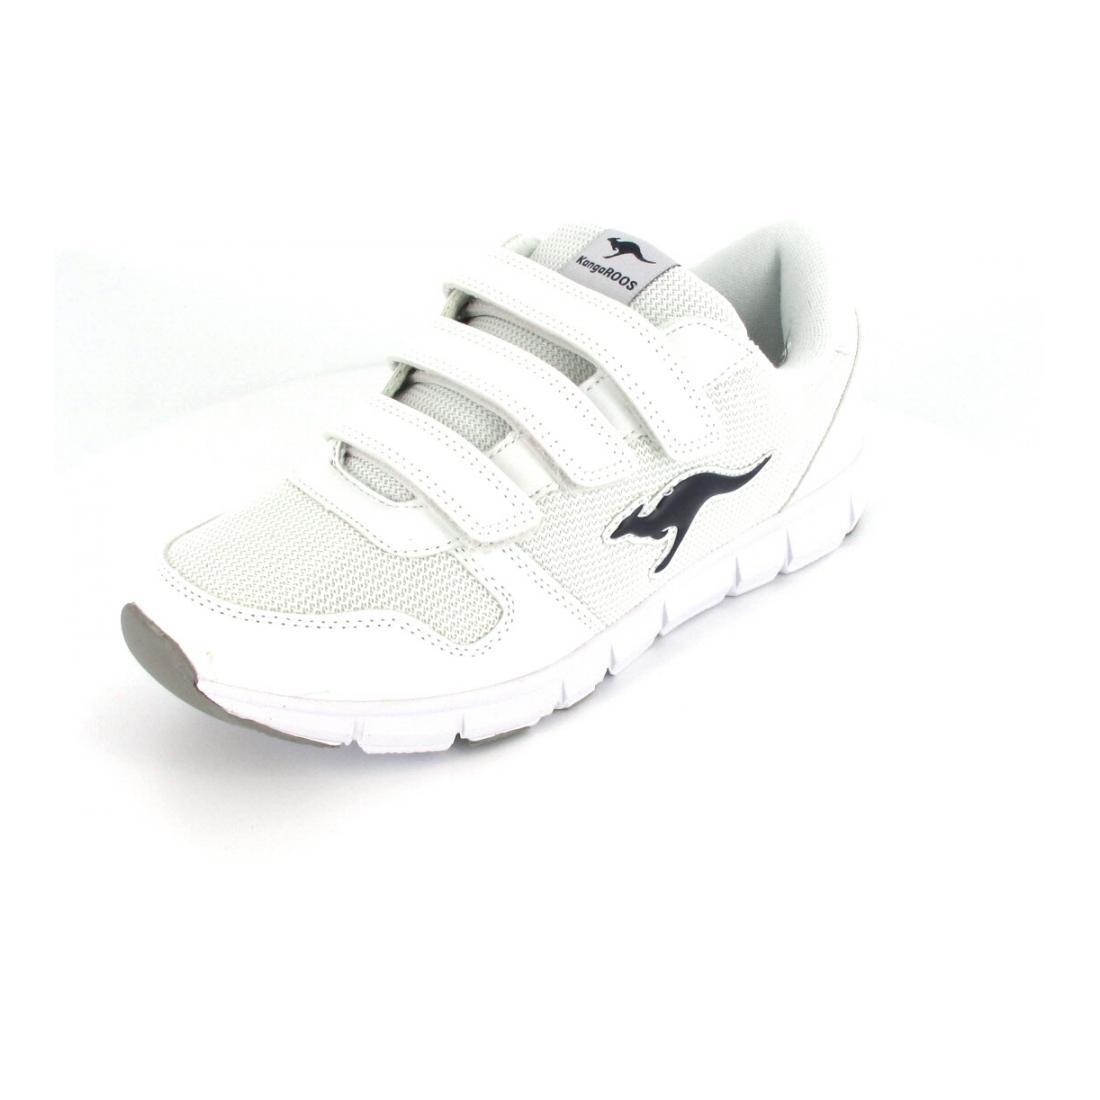 KangaRoos Sneaker K-BlueRun 701 B